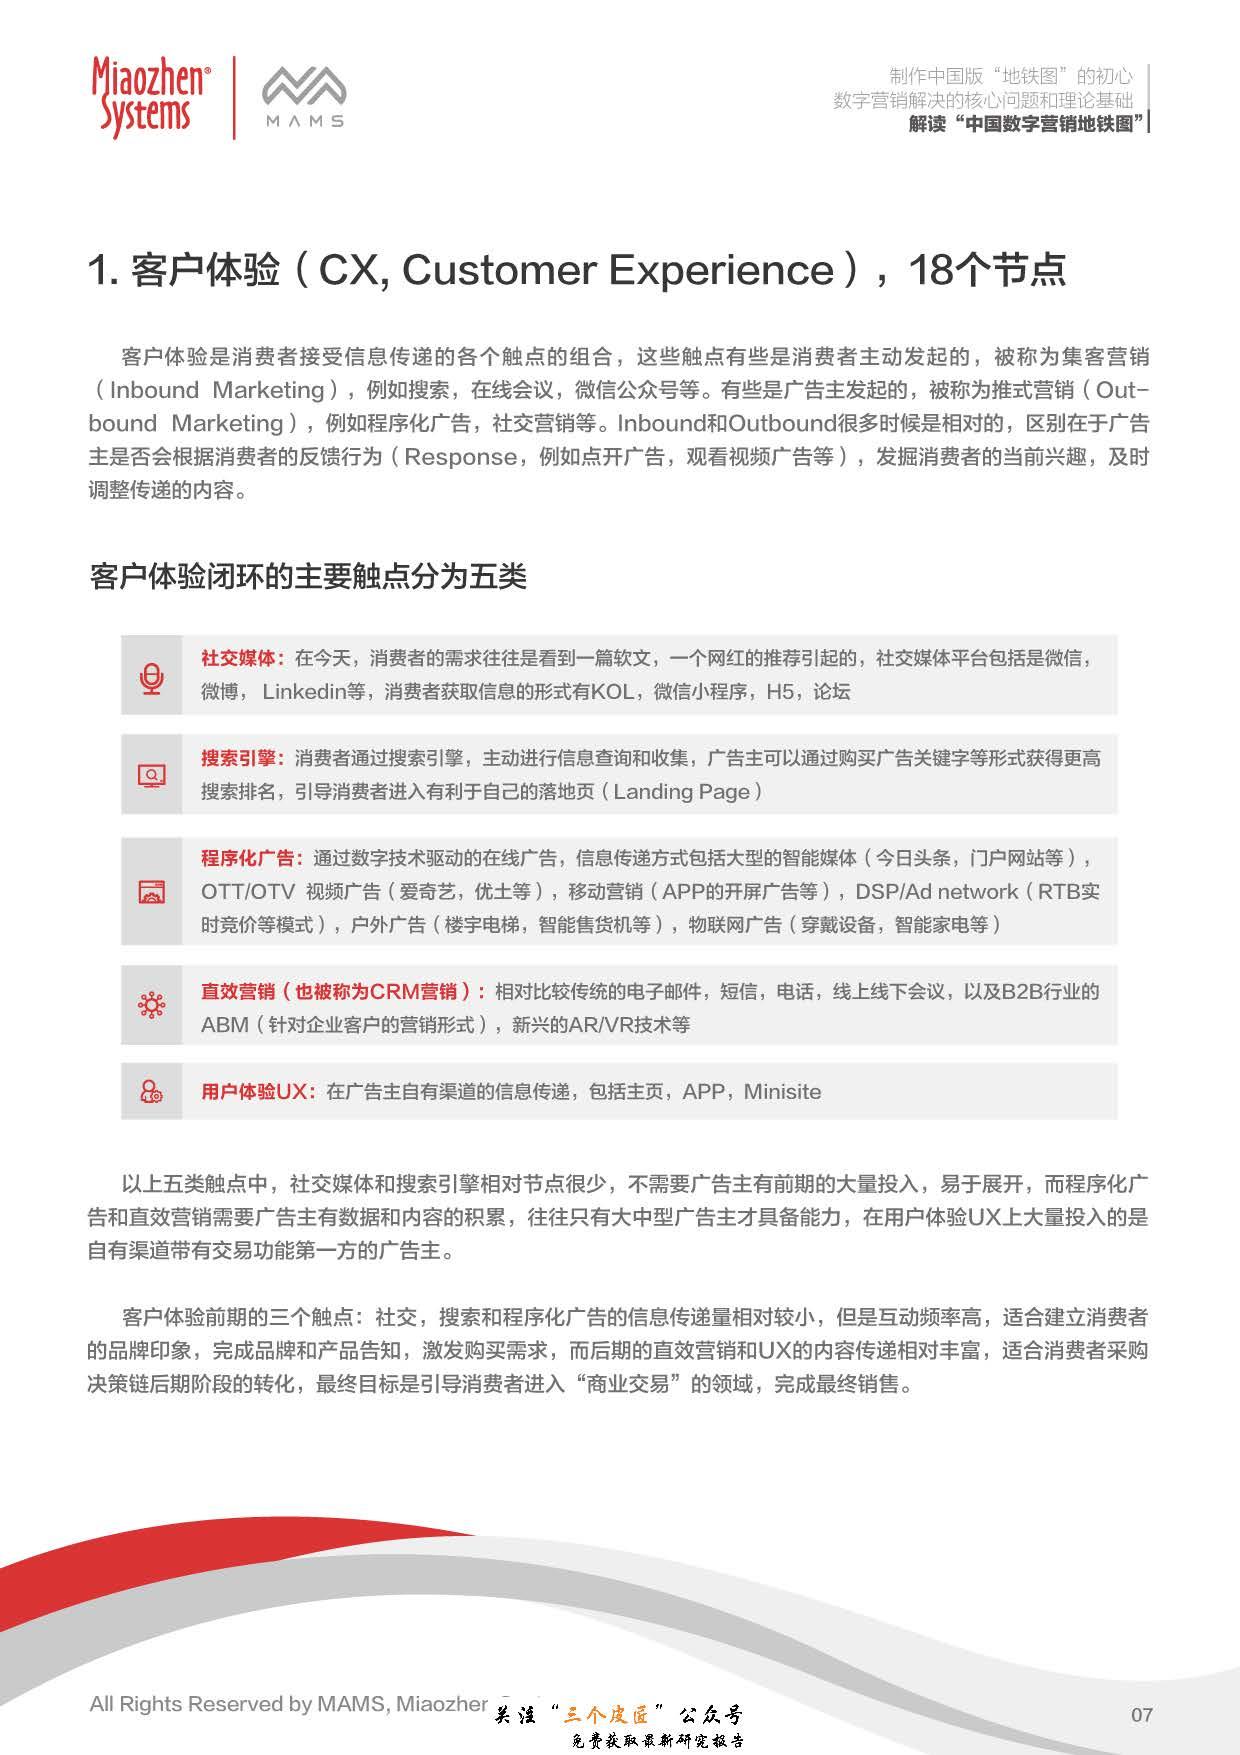 秒针:解读中国数字营销地铁图(28页)_页面_08.jpg